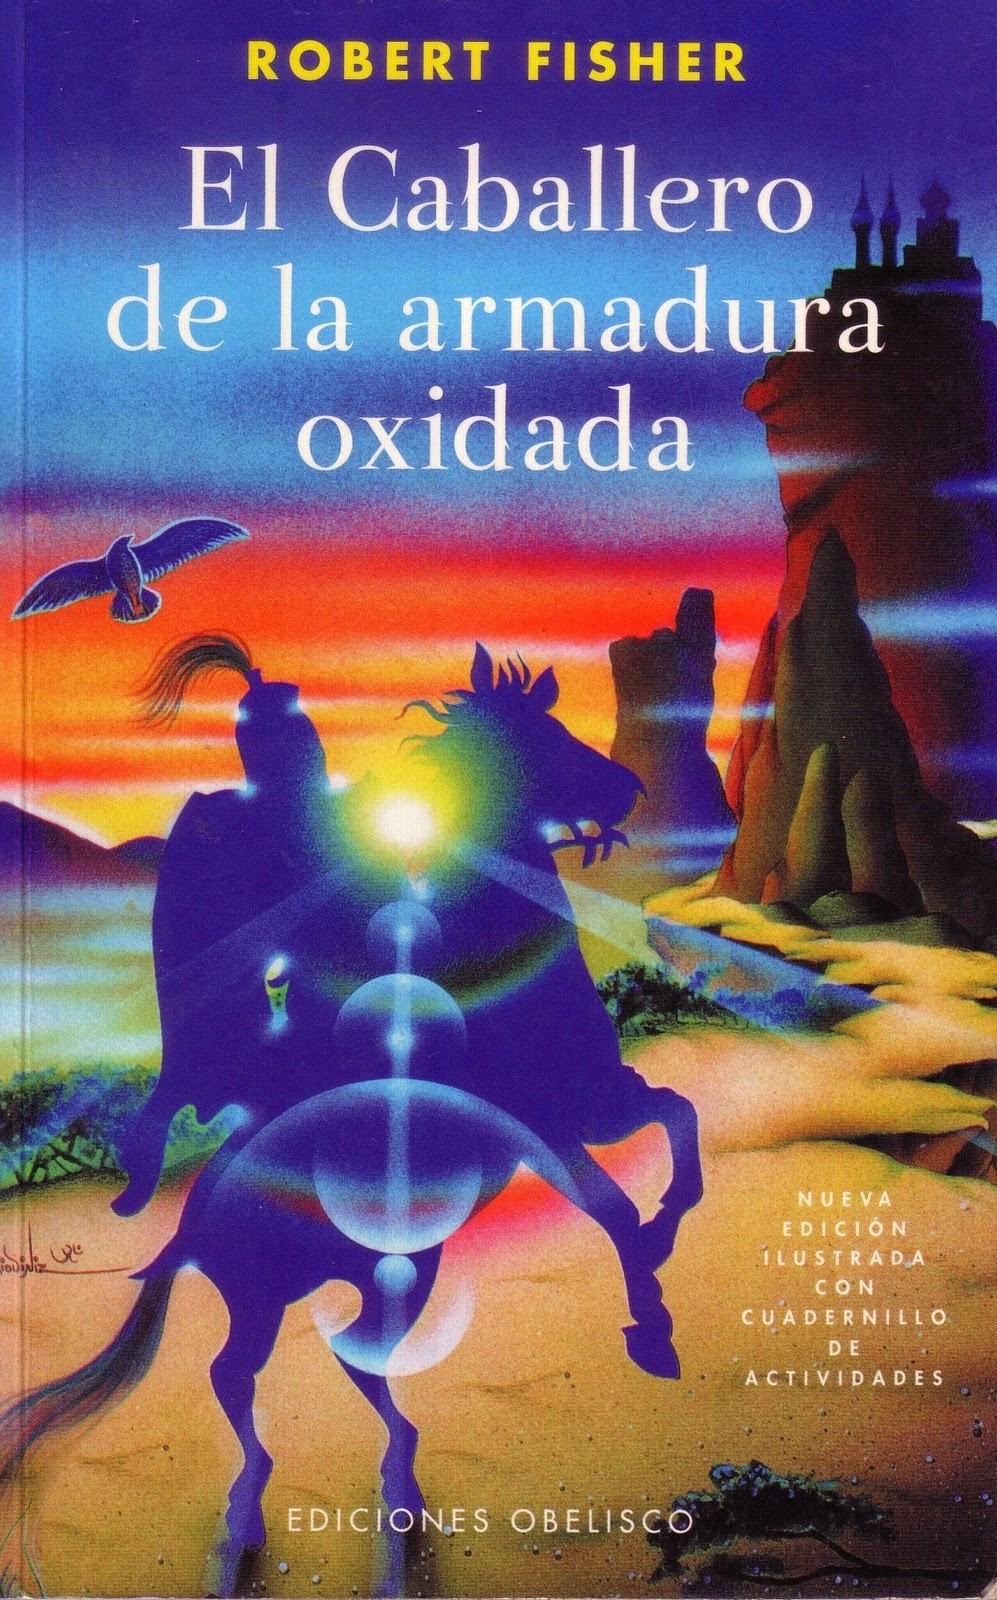 Tinta Nocturna Using The Tarot Cards Usar Las Cartas: Tinta Nocturna: El Caballero De La Armadura Oxidada